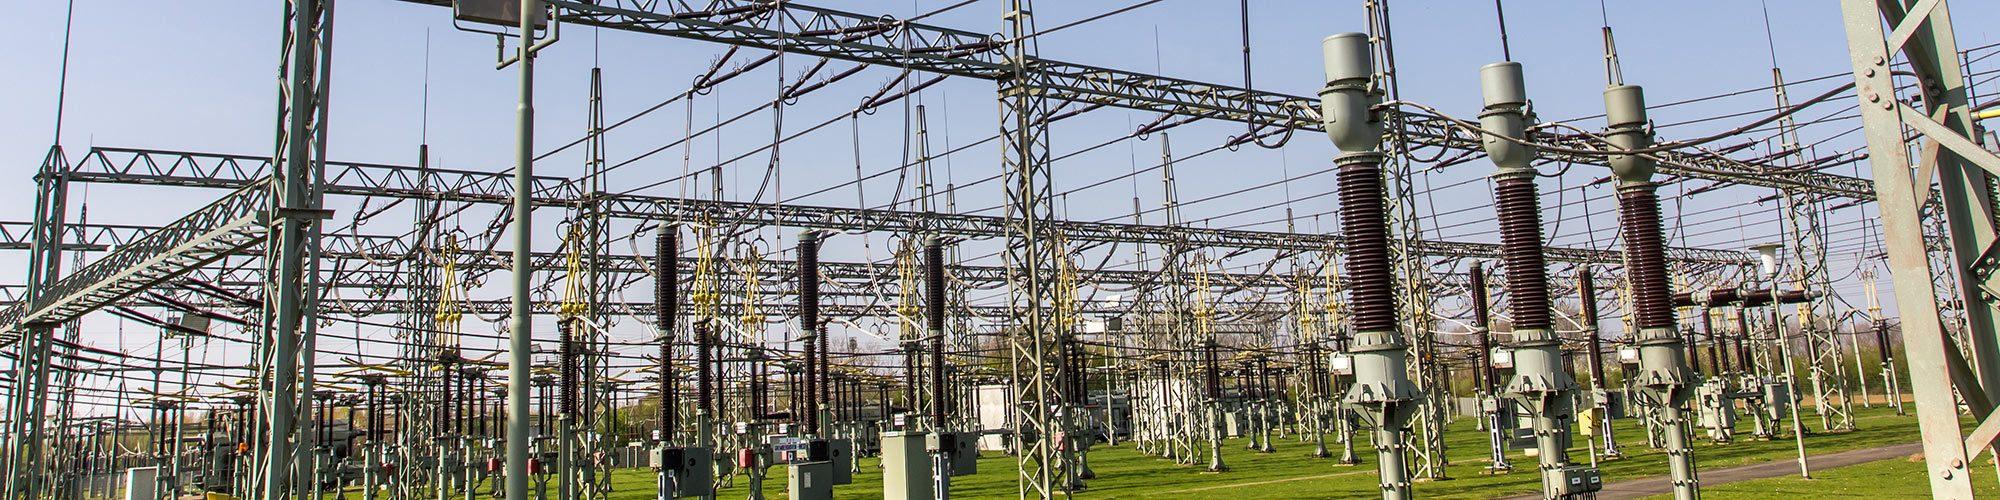 Subestacíon eléctrica